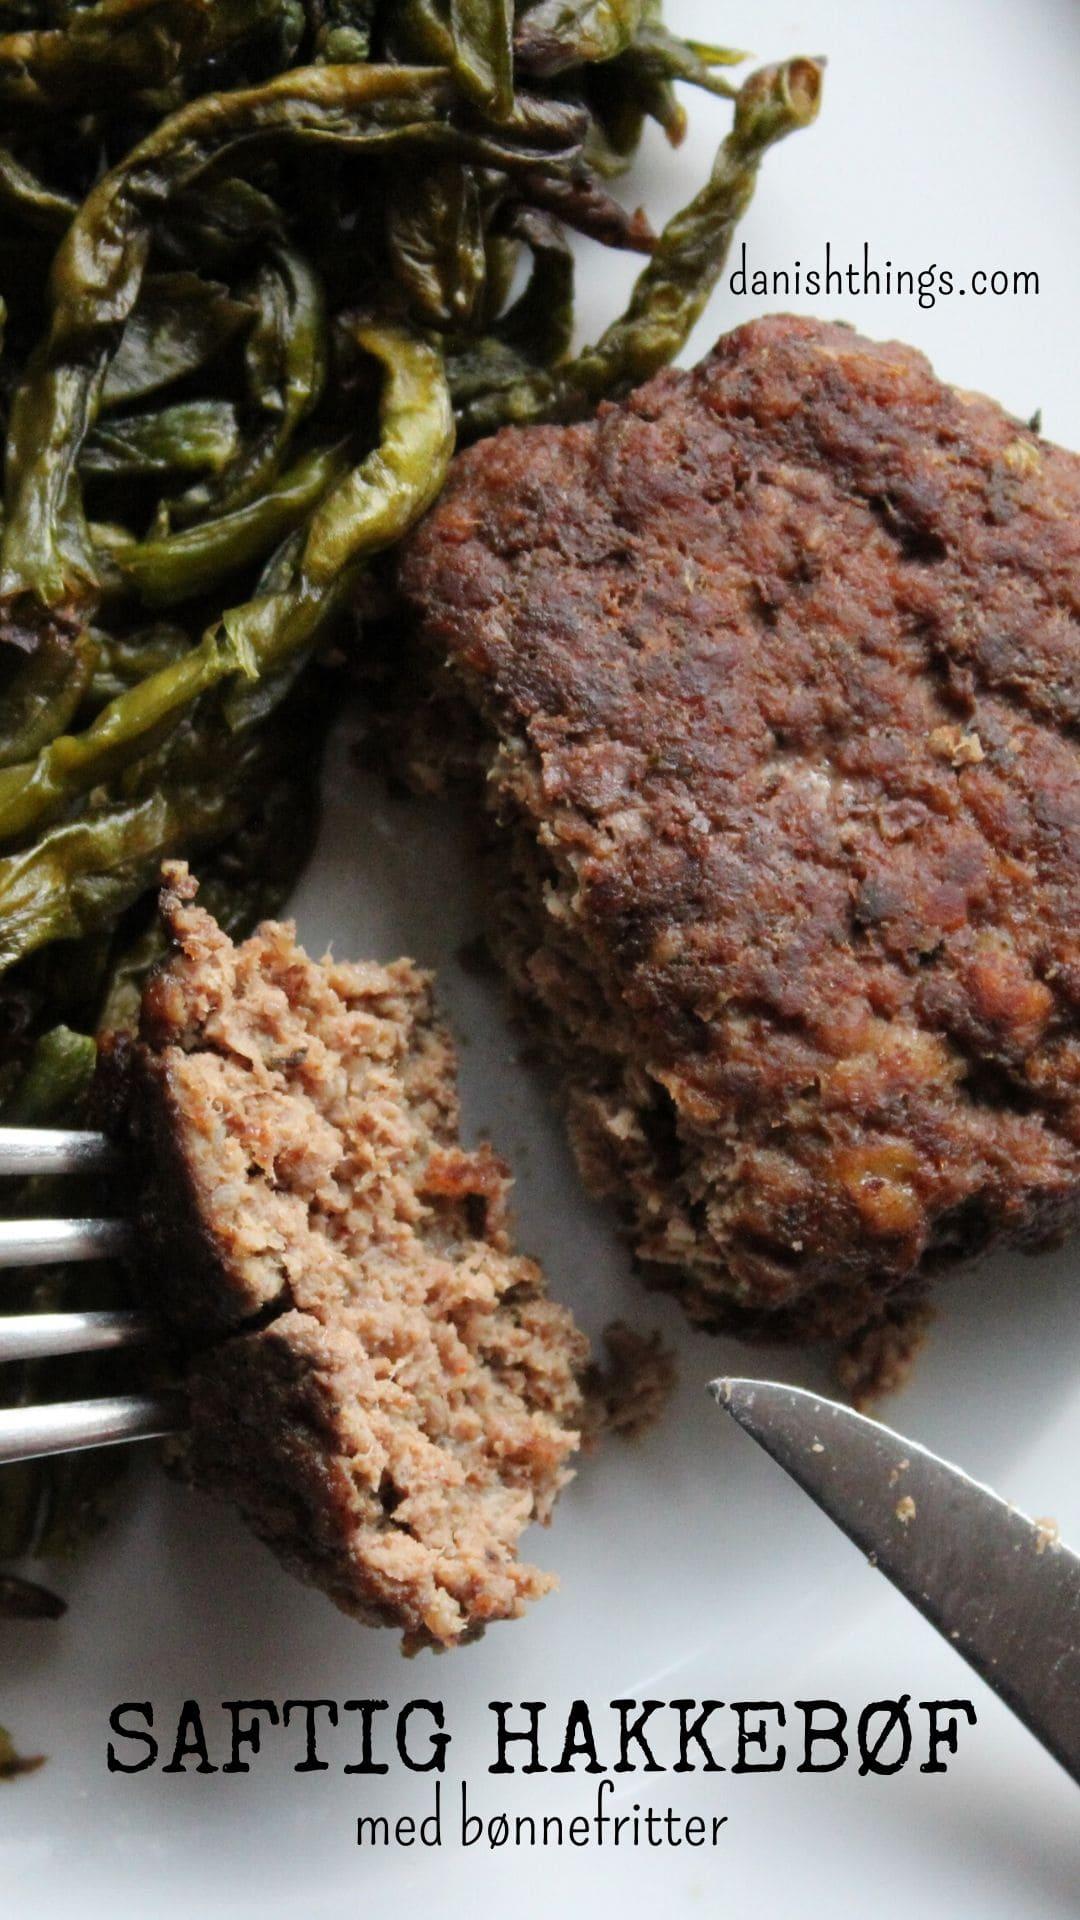 Hjemmelavet saftig burger med bønnefritter, anderledes bøf med bl.a. tuc-kiks og æg - find opskriften og andre forslag til din burger på danishthings.com.